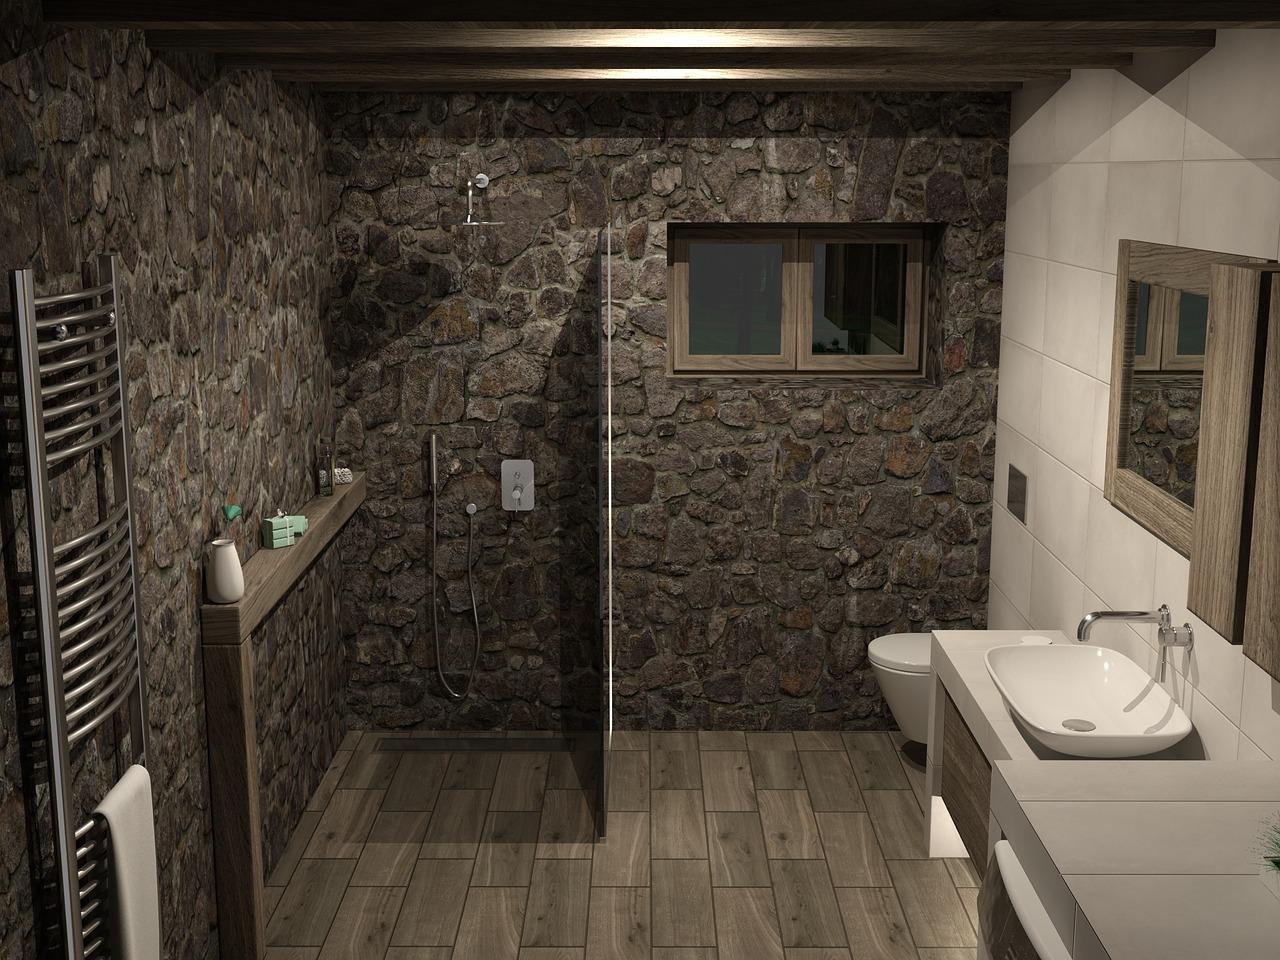 Bagno In Camera Senza Scarico : Dove e come ricavare un secondo bagno in casa